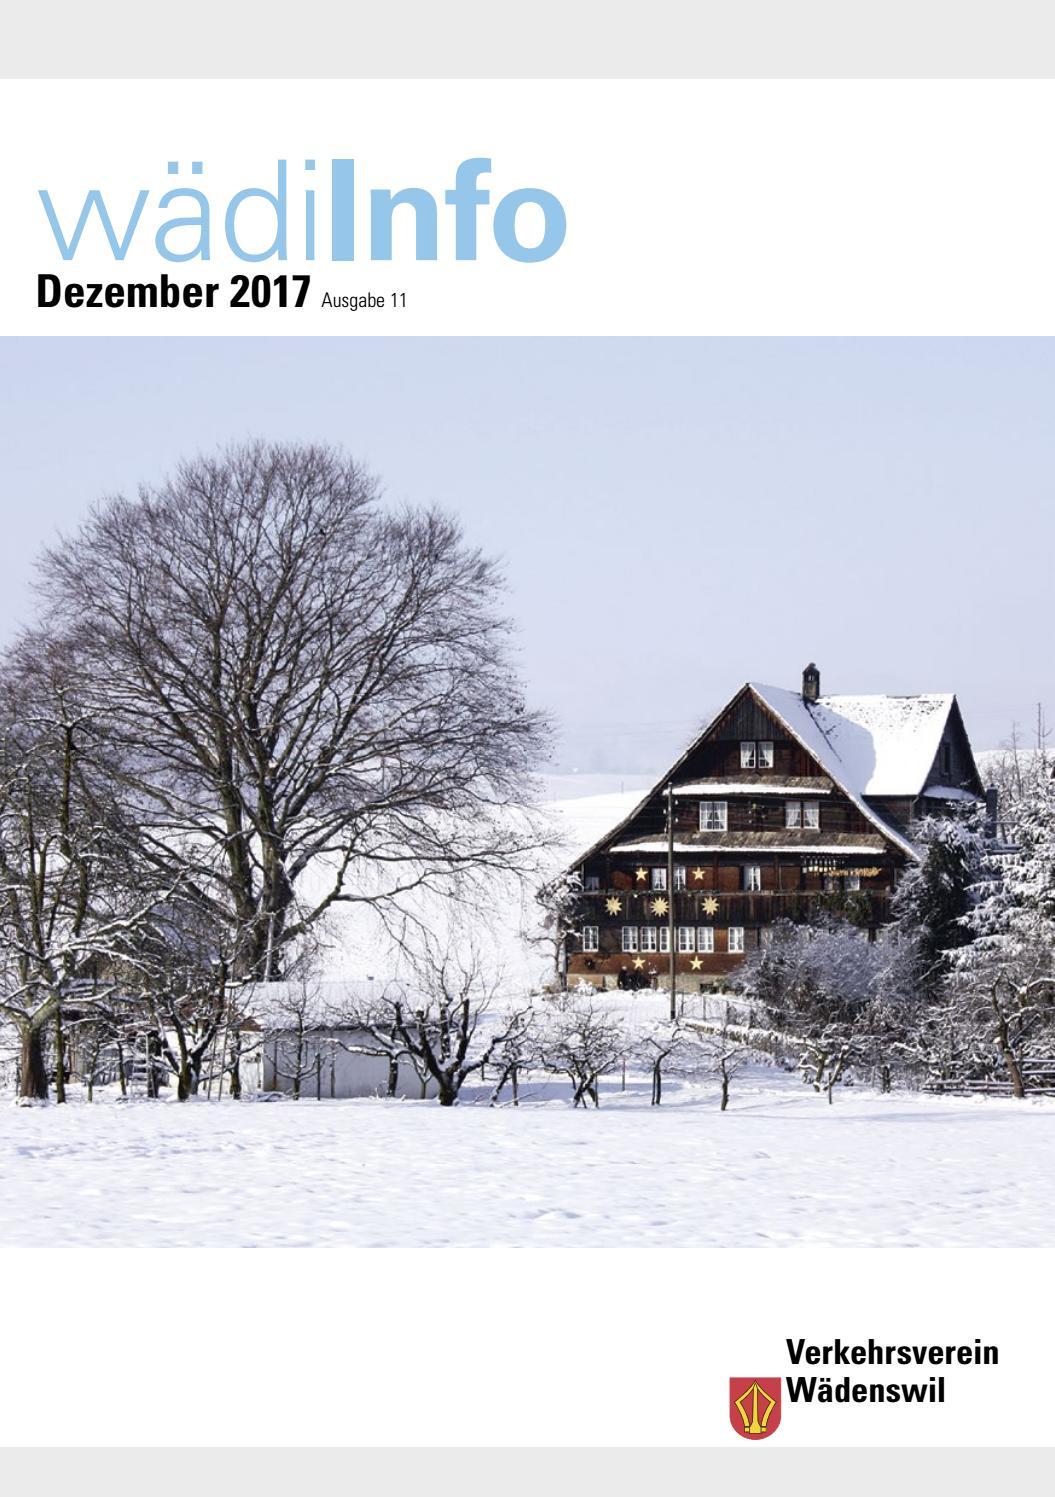 Wwf Weihnachtskarten.Wädiinfo Dezember 2017 By Chilbi Issuu